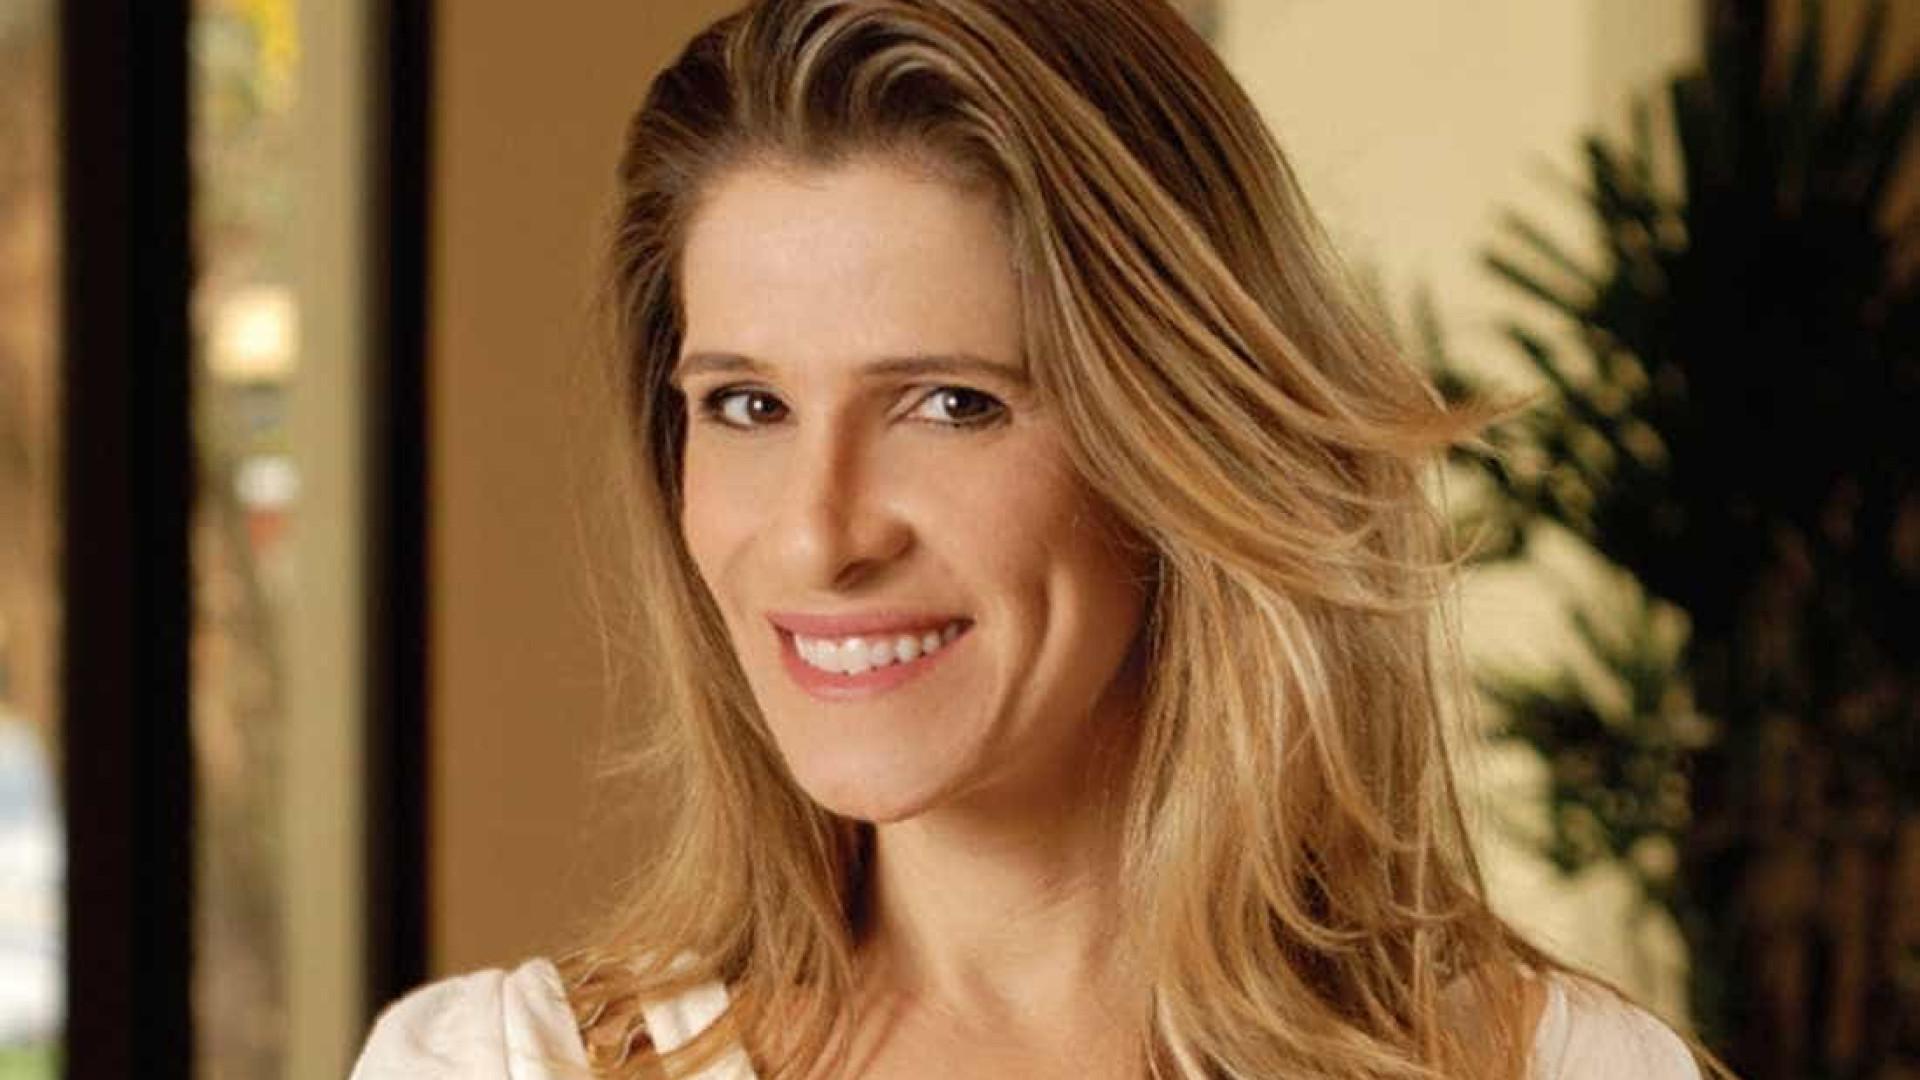 Ingrid Guimarães diz que 'De Pernas pro Ar' impulsionou mercado erótico